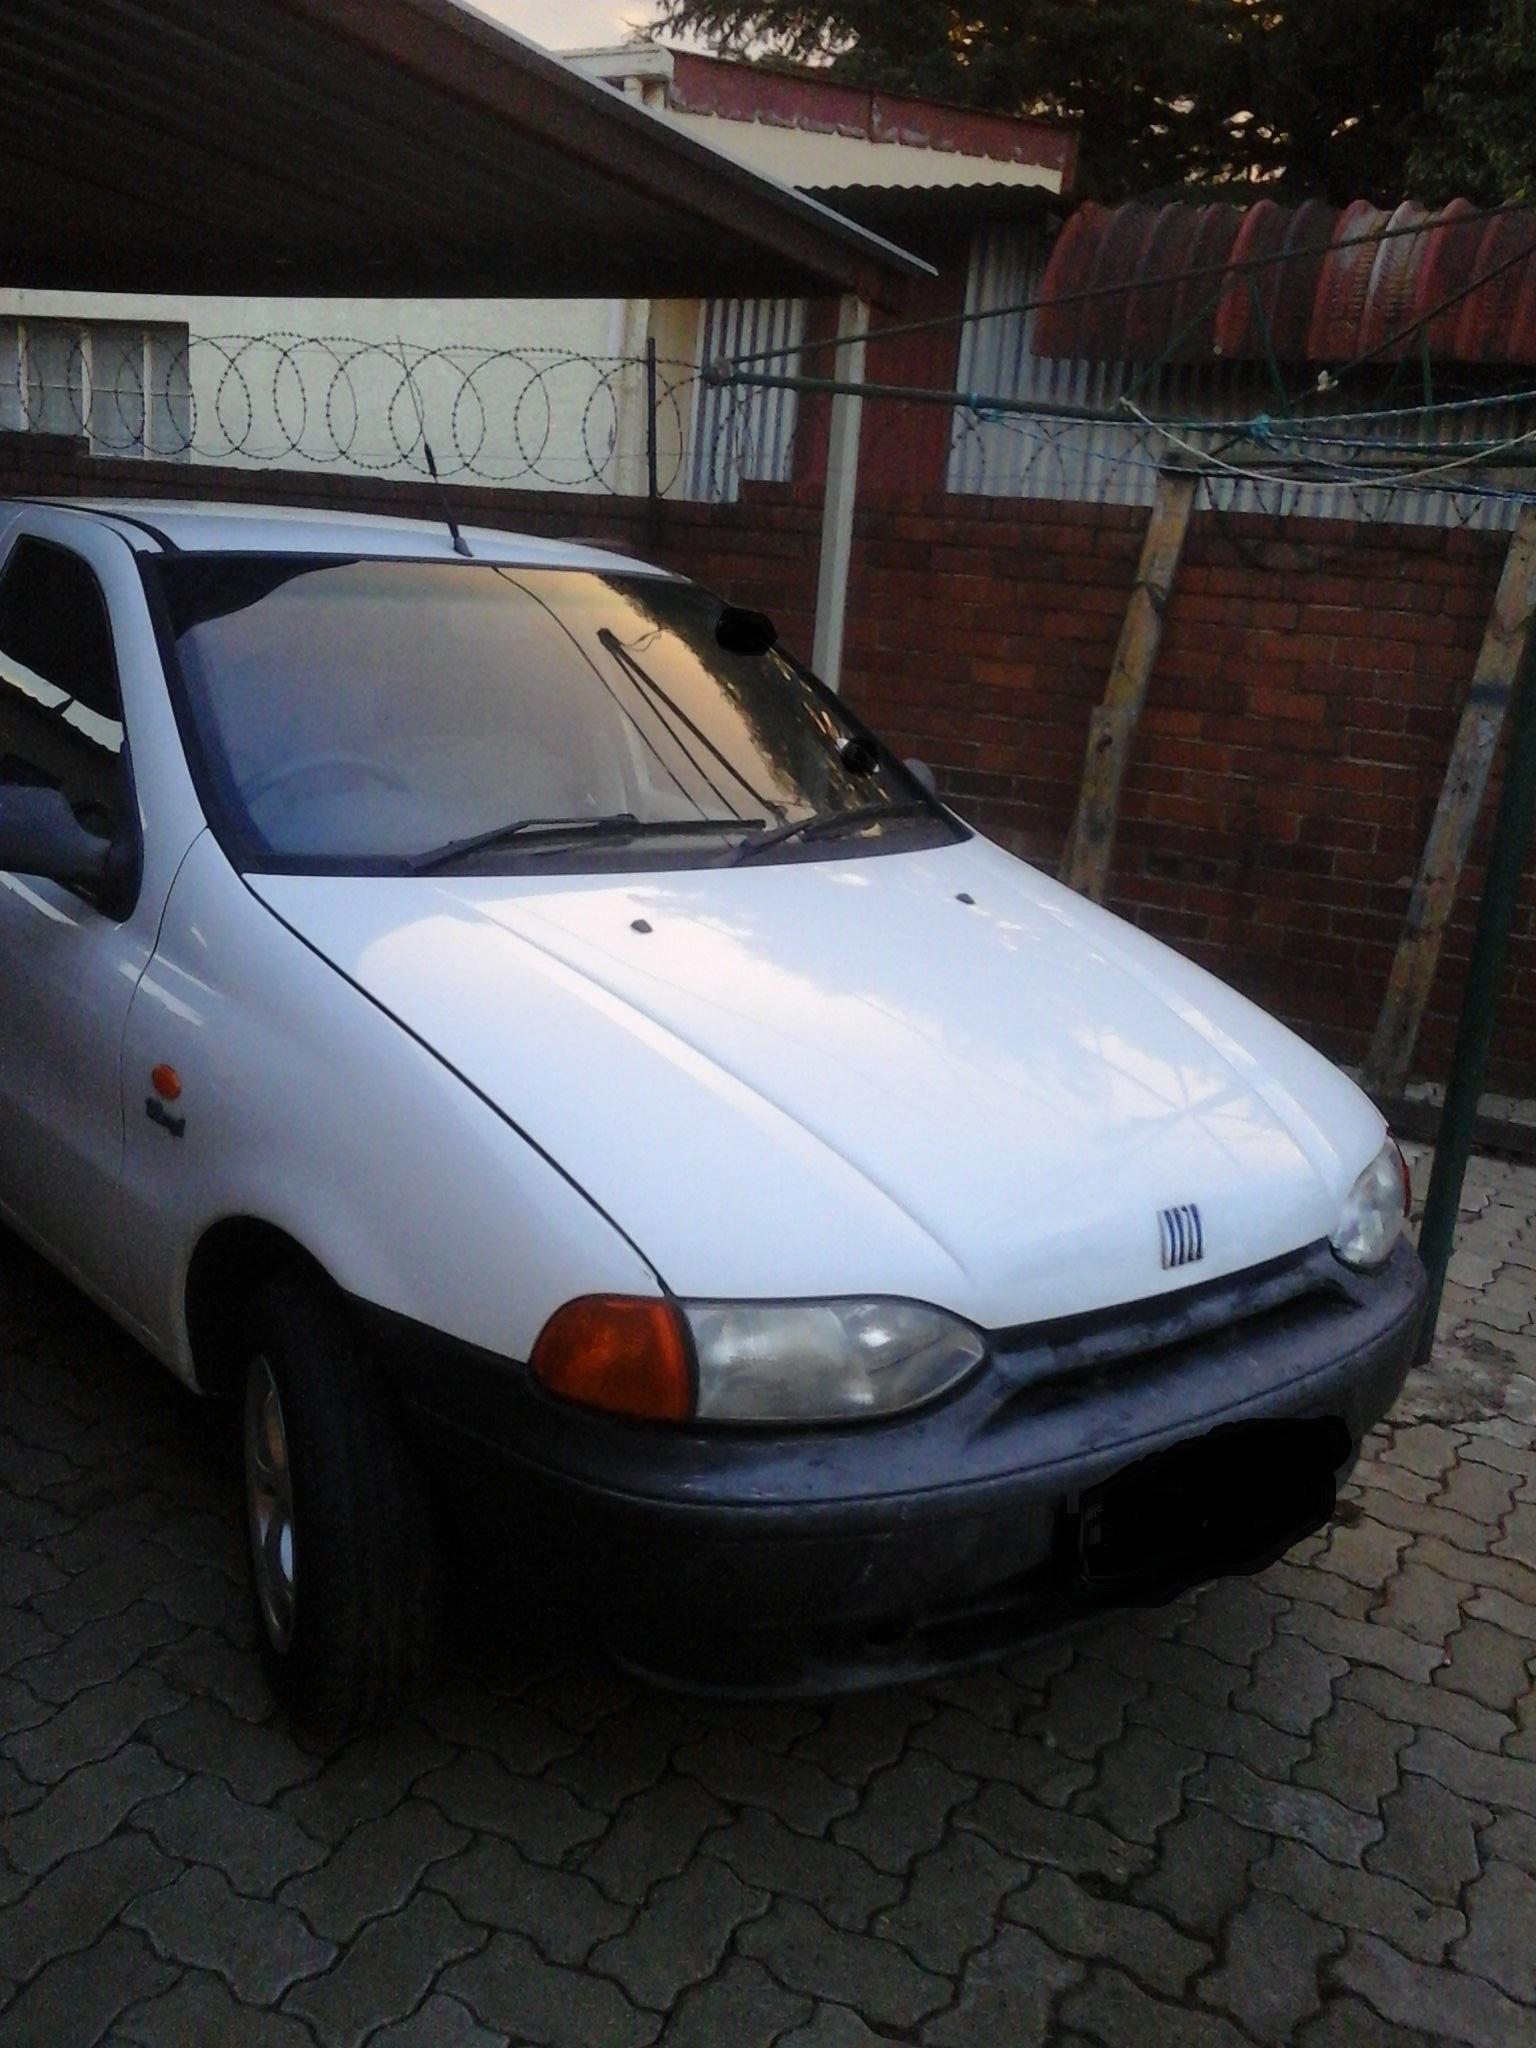 2004 Fiat Palio 1.2 Eco 5 door